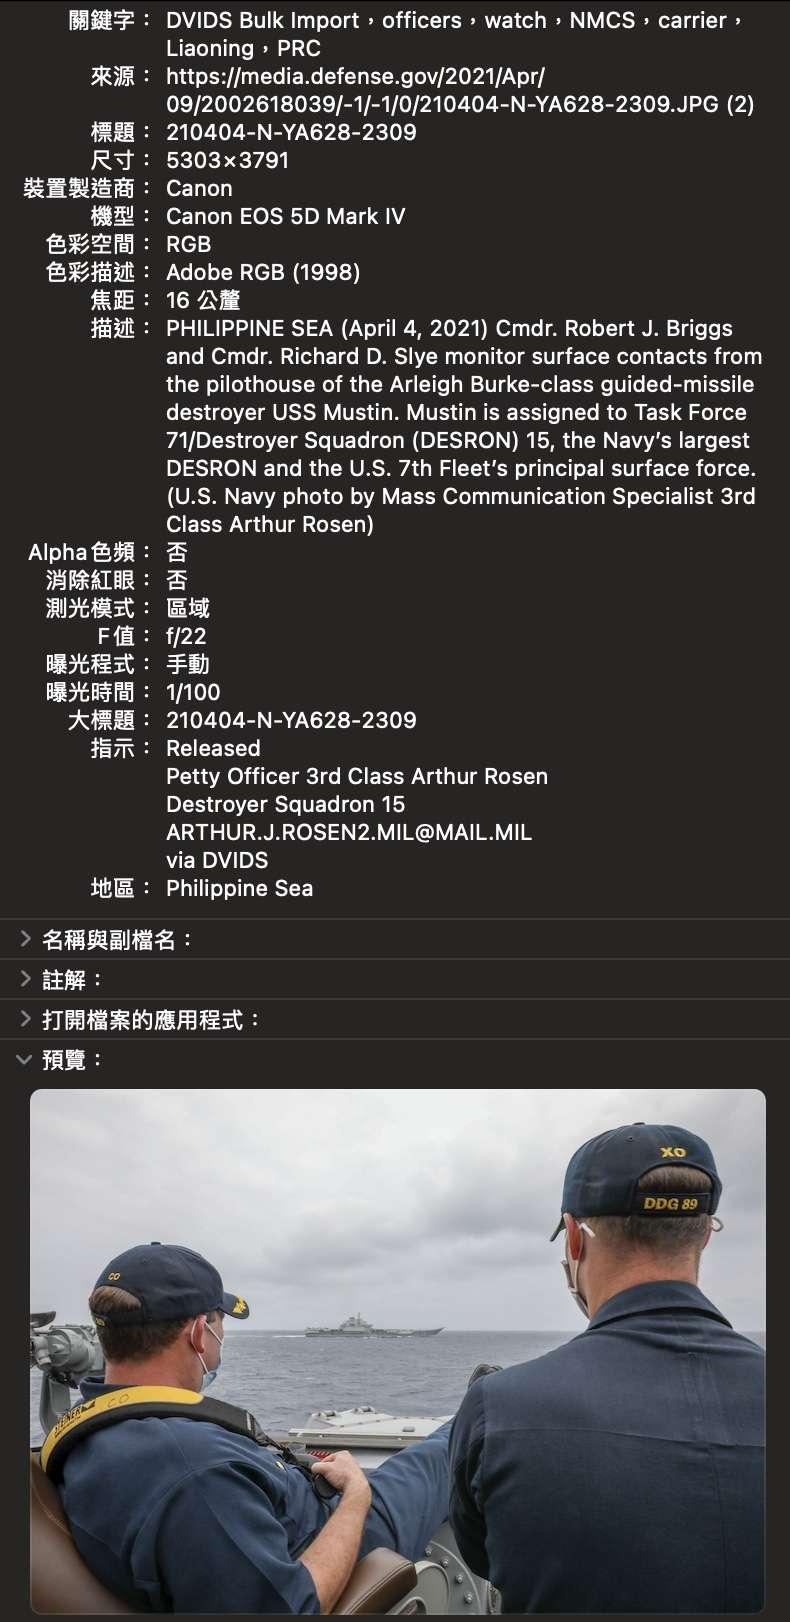 美軍馬斯廷號驅逐艦正副艦長遠眺解放軍遼寧艦照片的Exif資訊。